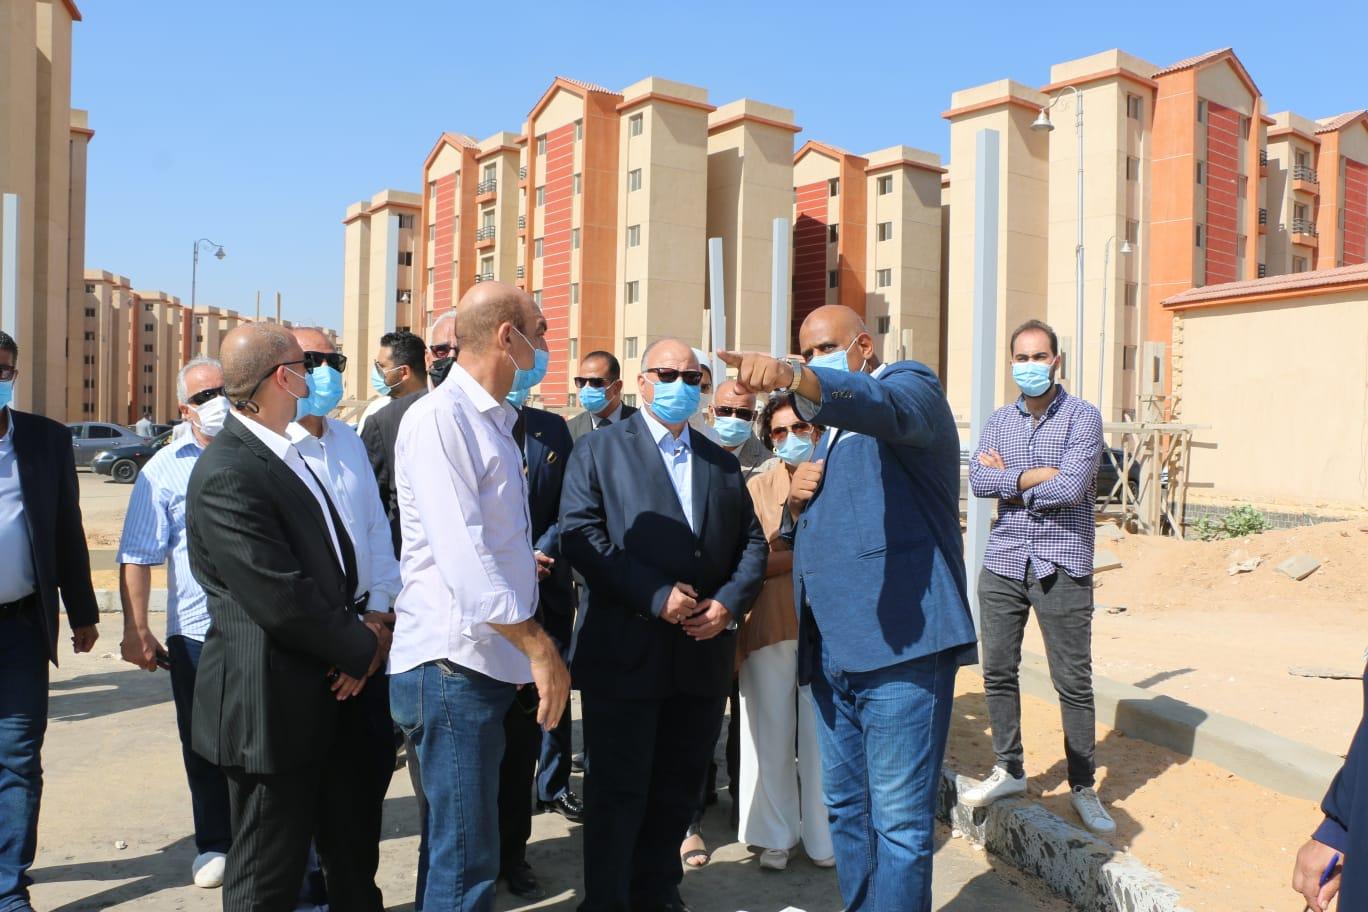 قوامها  وحدة سكنية  معا  مدينة حضارية كاملة الخدمات لقاطني العشوائيات بالقاهرة |صور